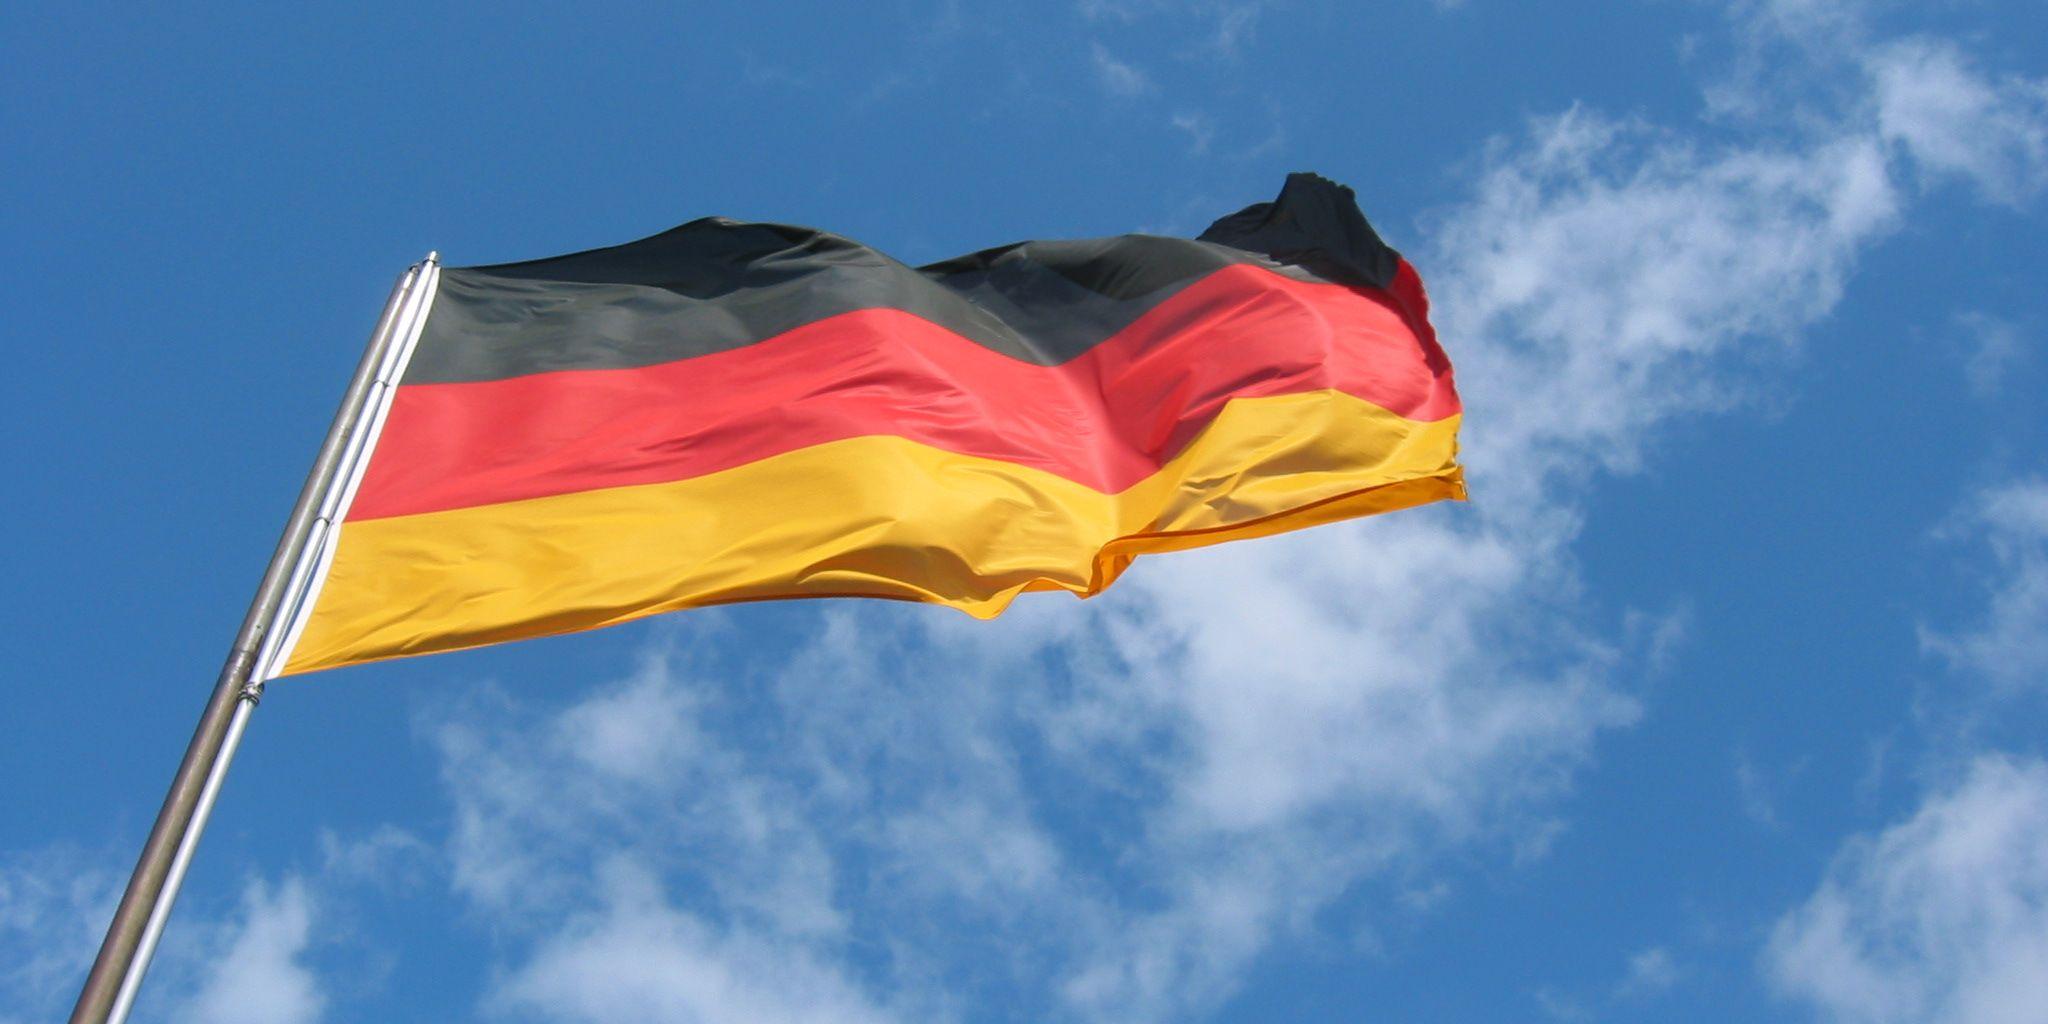 Στο τέλος πάντα κερδίζει η Γερμανία